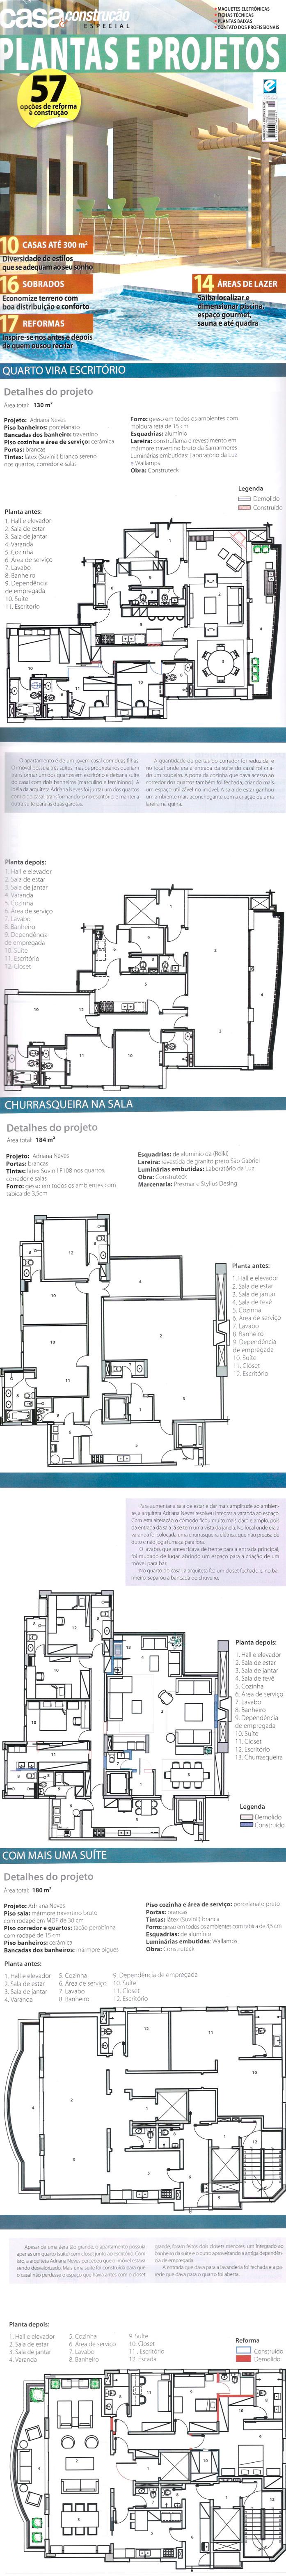 Casa-&-Construção-ESPECIAL-Plantas-e-Projetos-nº-04-da-Editora-Escala